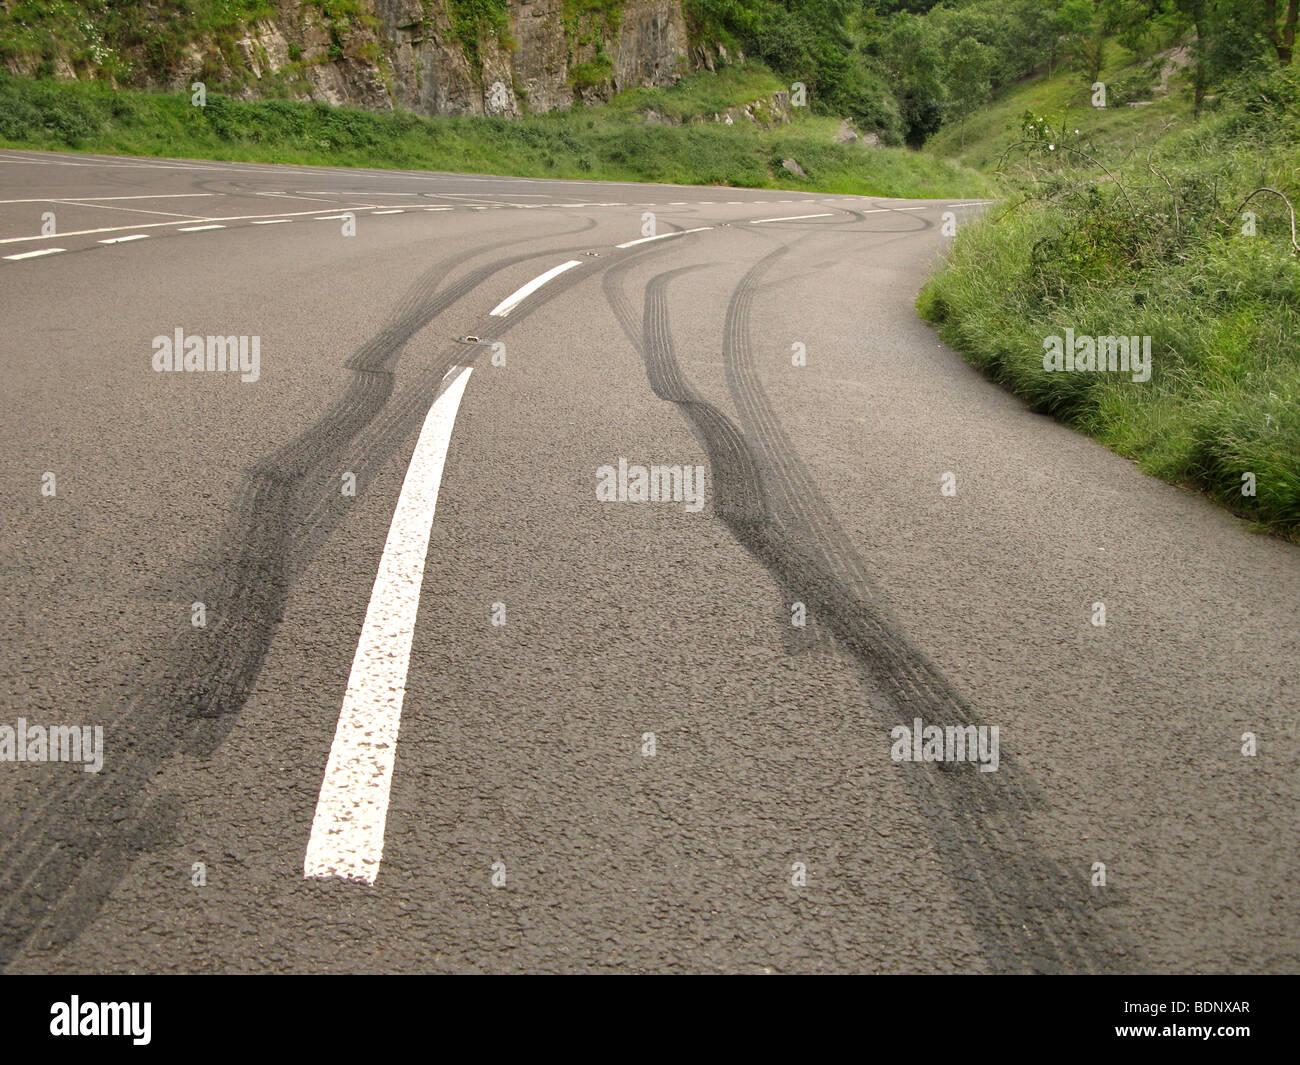 Marques de dérapage laissées par ennuyer conducteurs adolescents ruraux Photo Stock